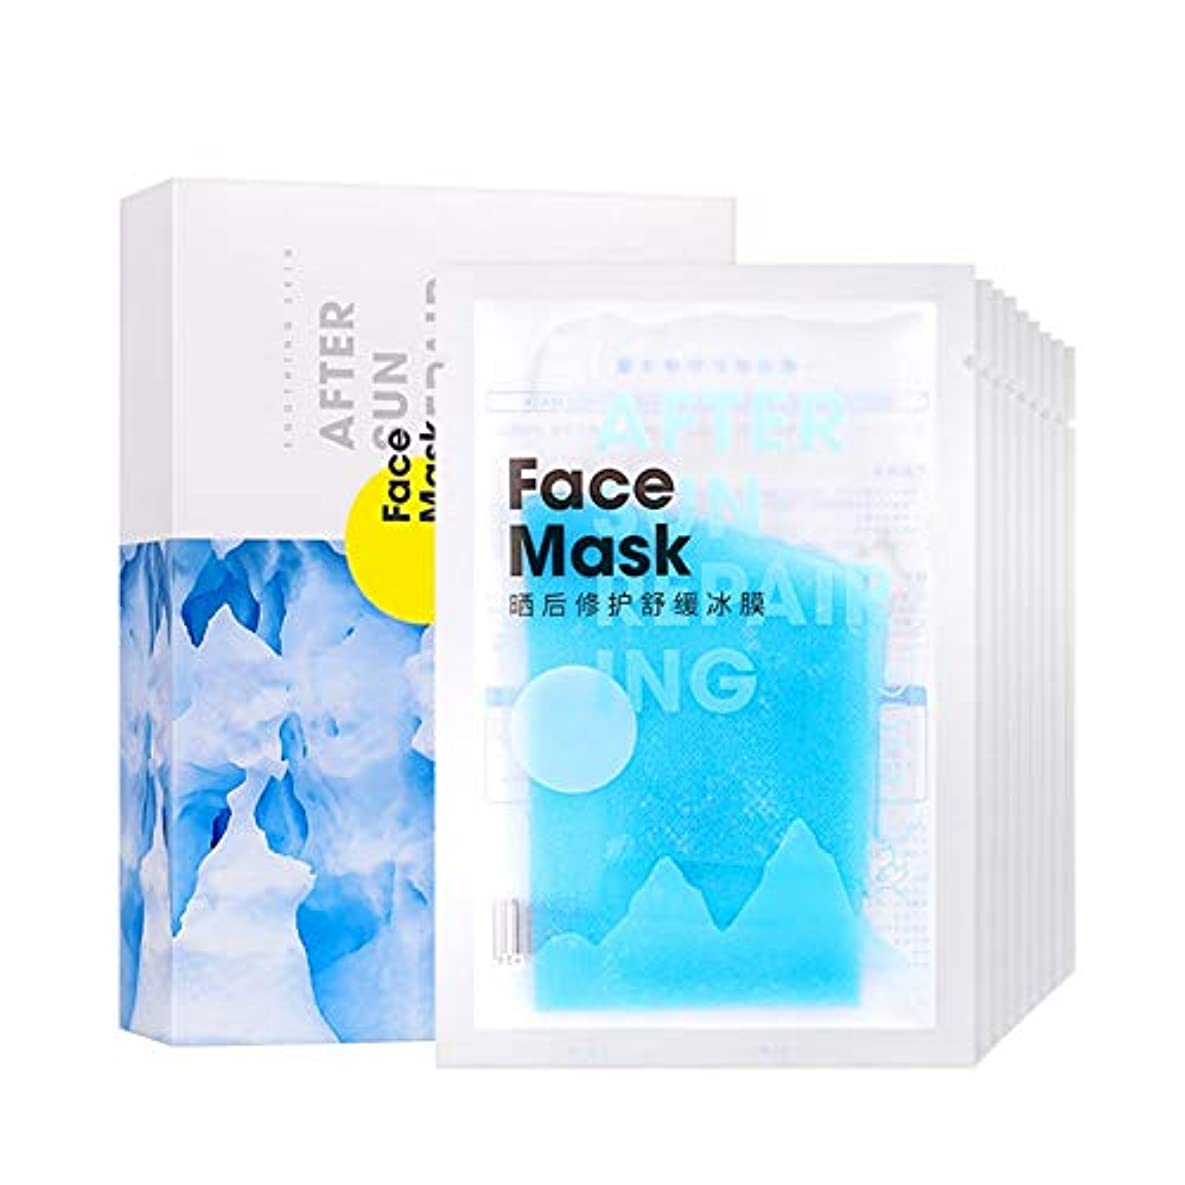 フェイスマスク マスク 極潤 極薄 浸透 モイスチャライジング 高保湿 オールインワン 潤い 小しわを滑らかに 日焼け後リペアマスク10枚入り Cutelove